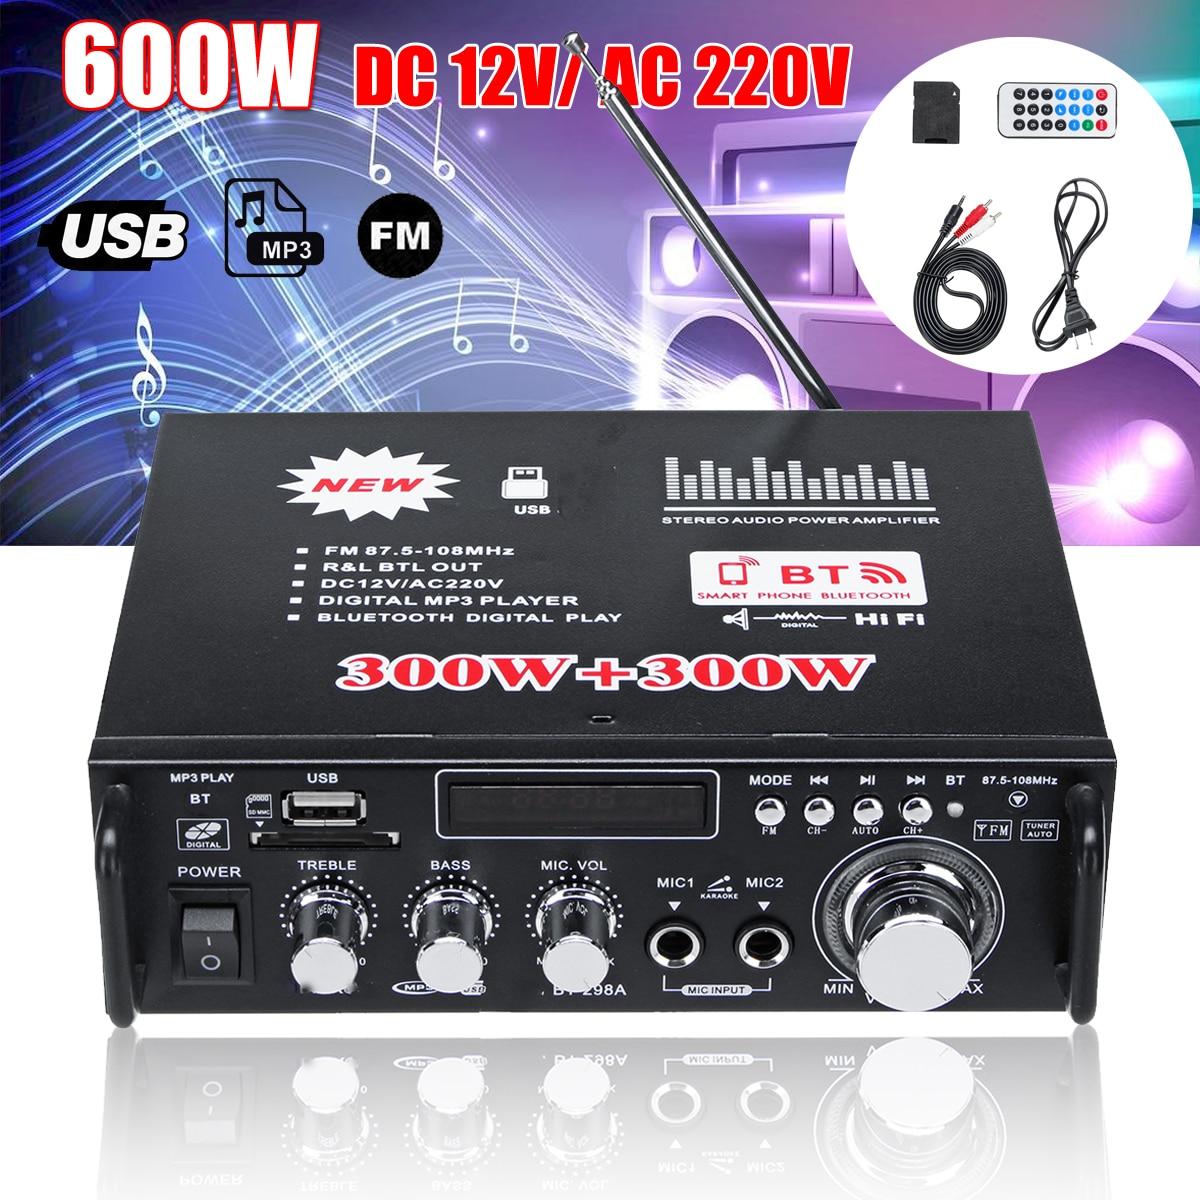 600 W 12 V 220 V USB Car Bluetooth amplificador de potencia de Audio de alta fidelidad estéreo Control remoto para el coche Auto casa audio disco Flash USB Radio